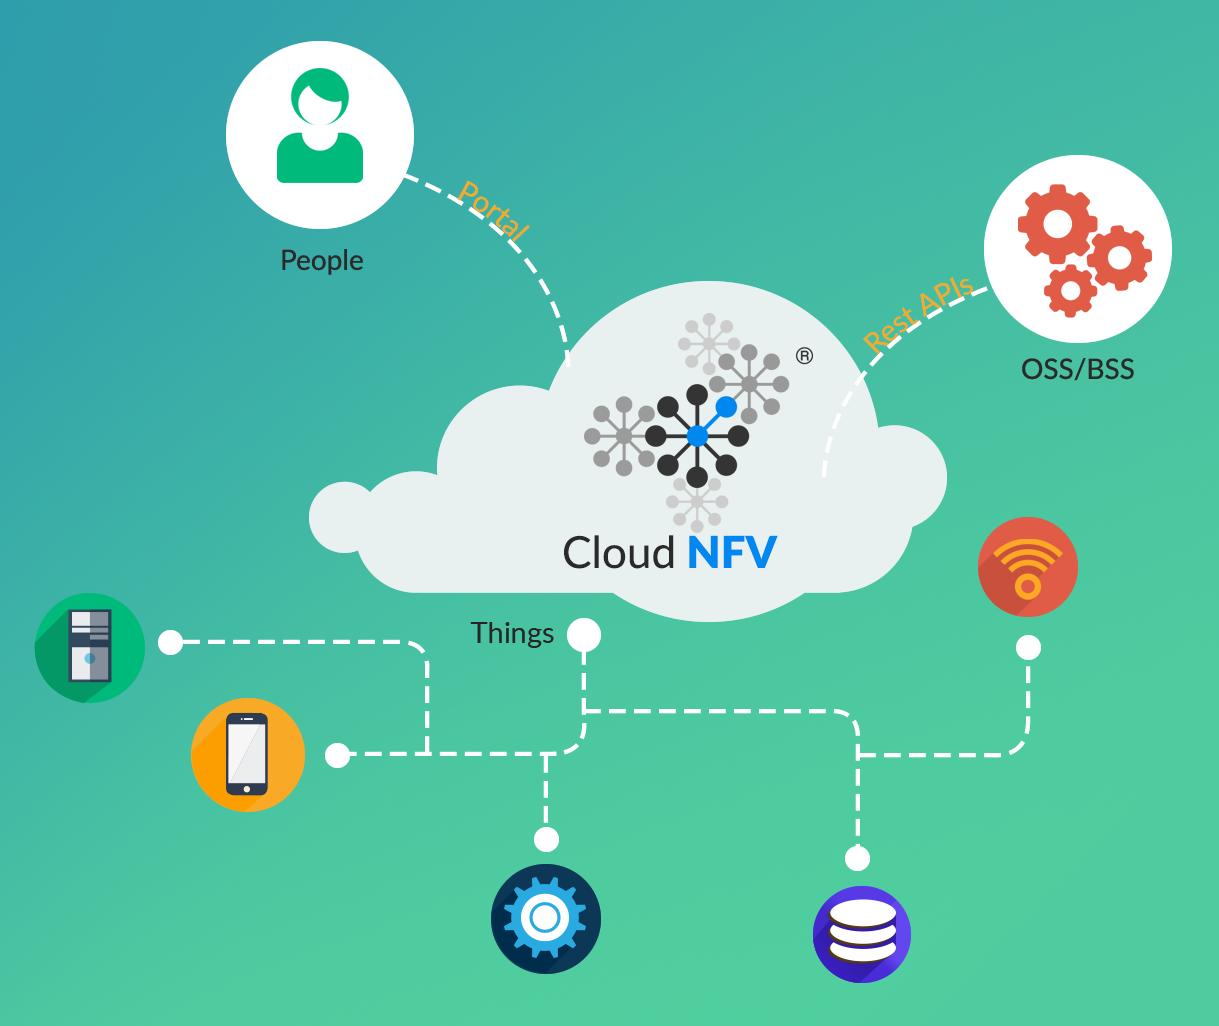 cloudnfv-new